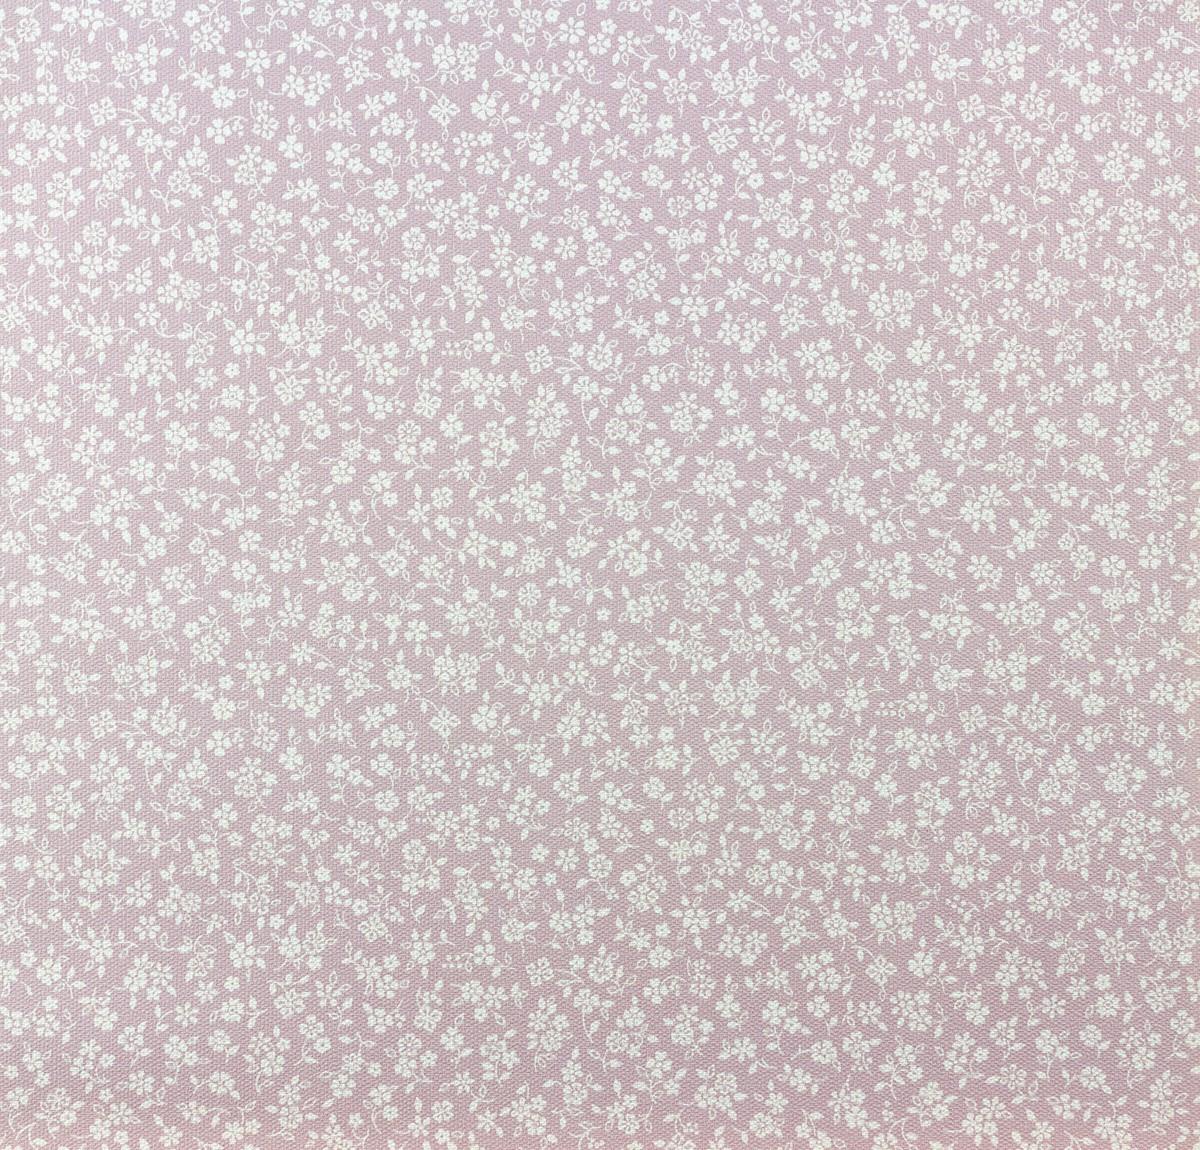 Fleuri Pastel Tapete Landhaus Vlies 93766 2 937662 Floral